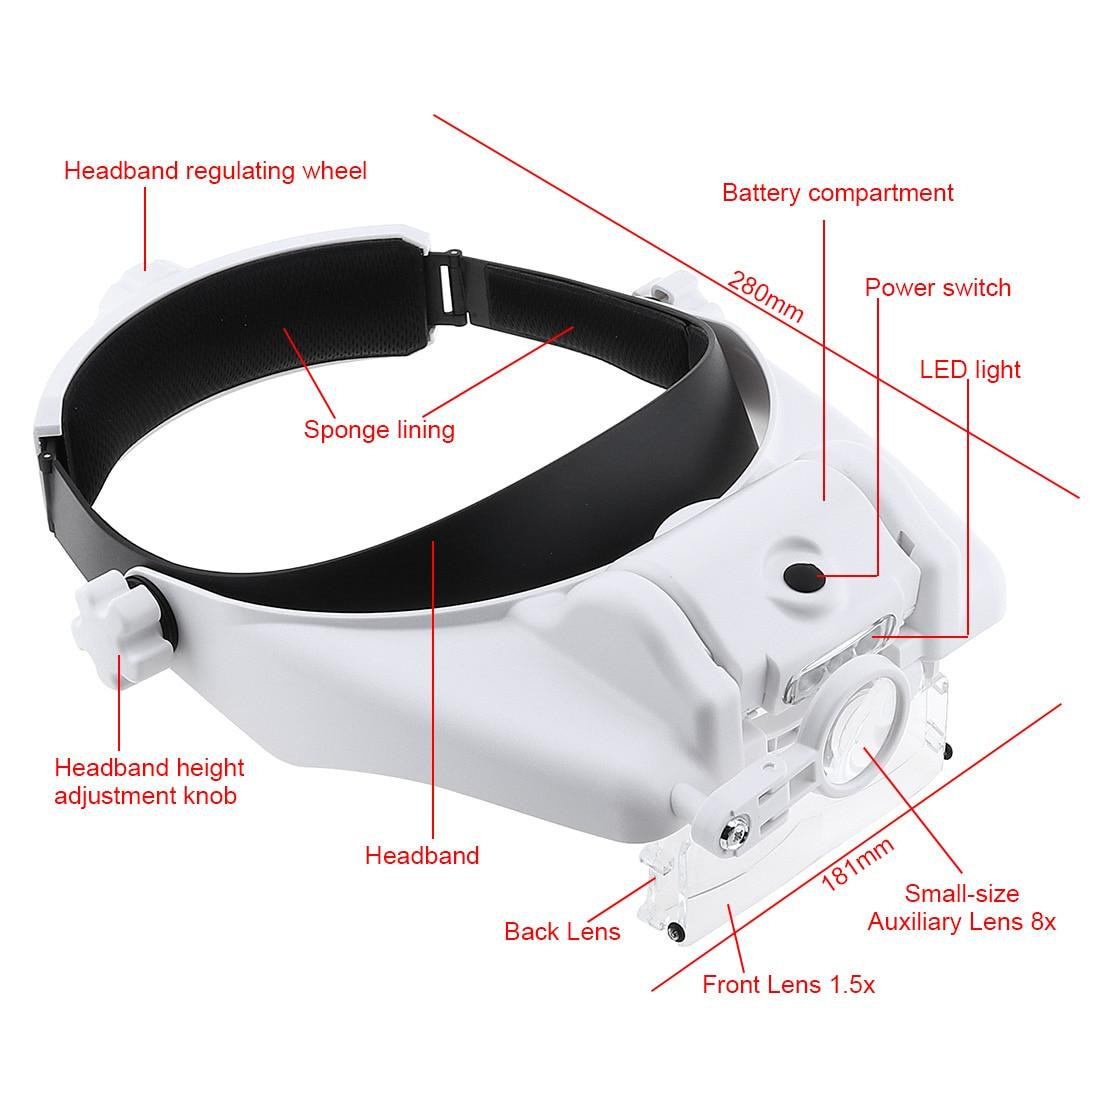 LED Adjustable Headband Eyeglass Magnifier - easeable.com